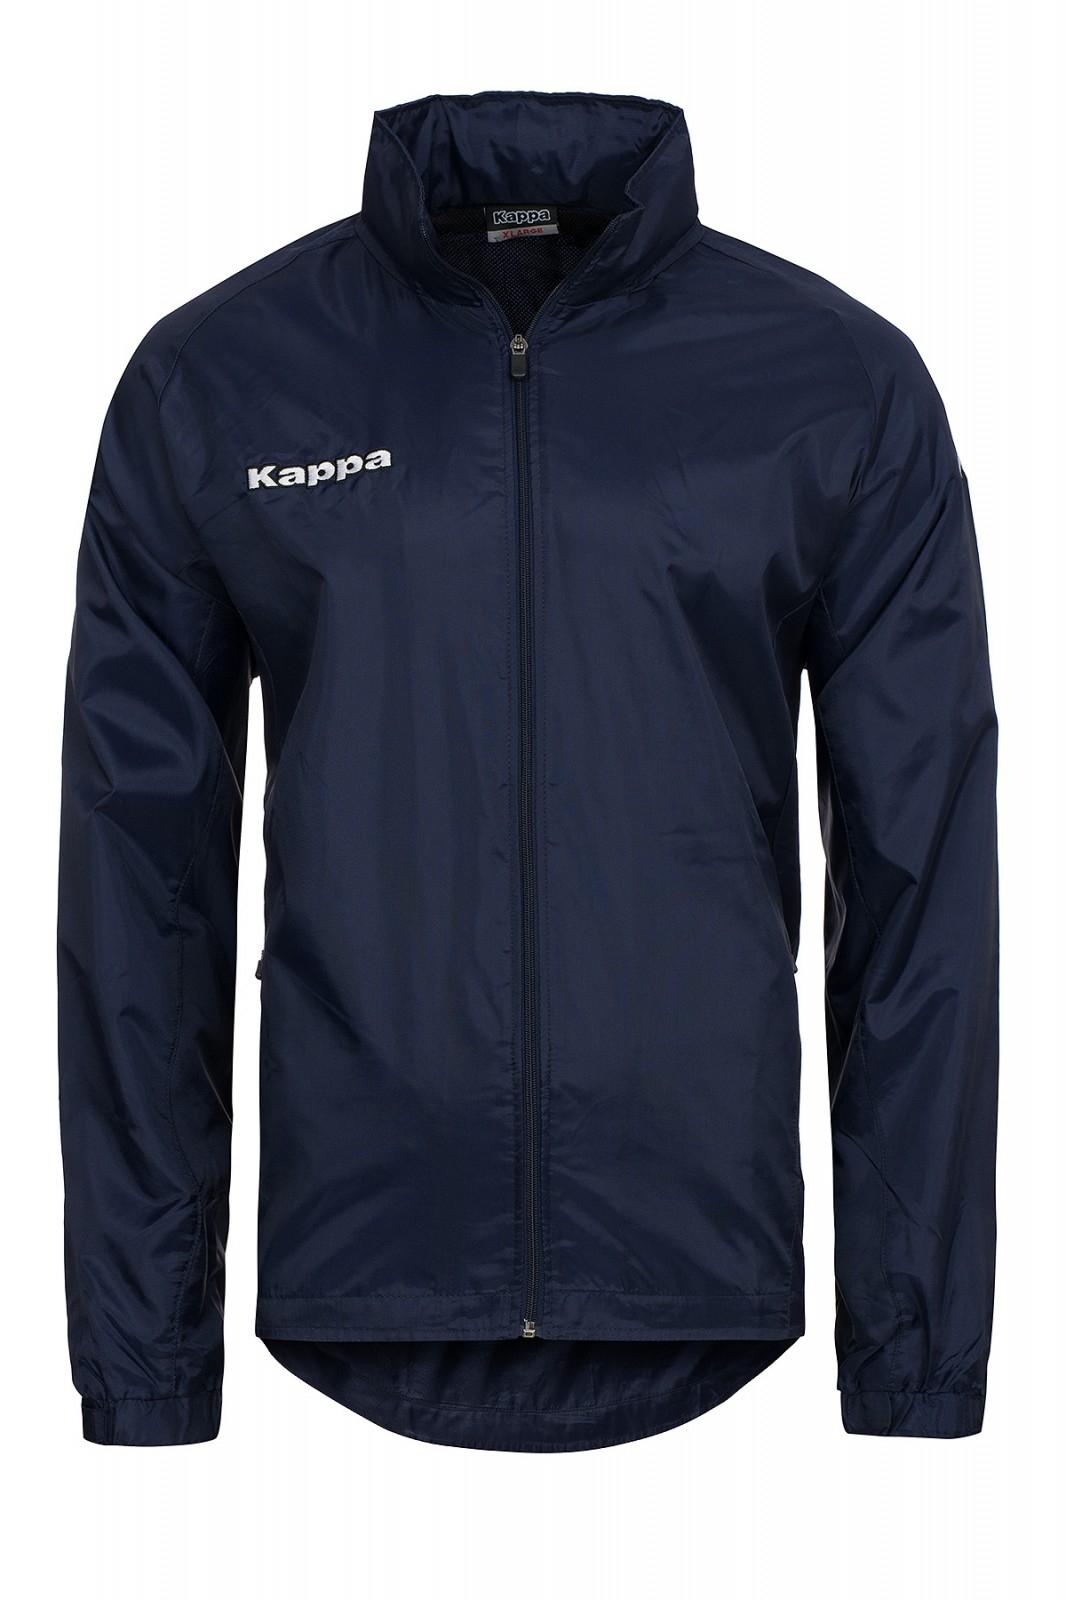 Kappa Favara Windbreaker Jacket Kinder Trainingsjacke Blau Gr. 116